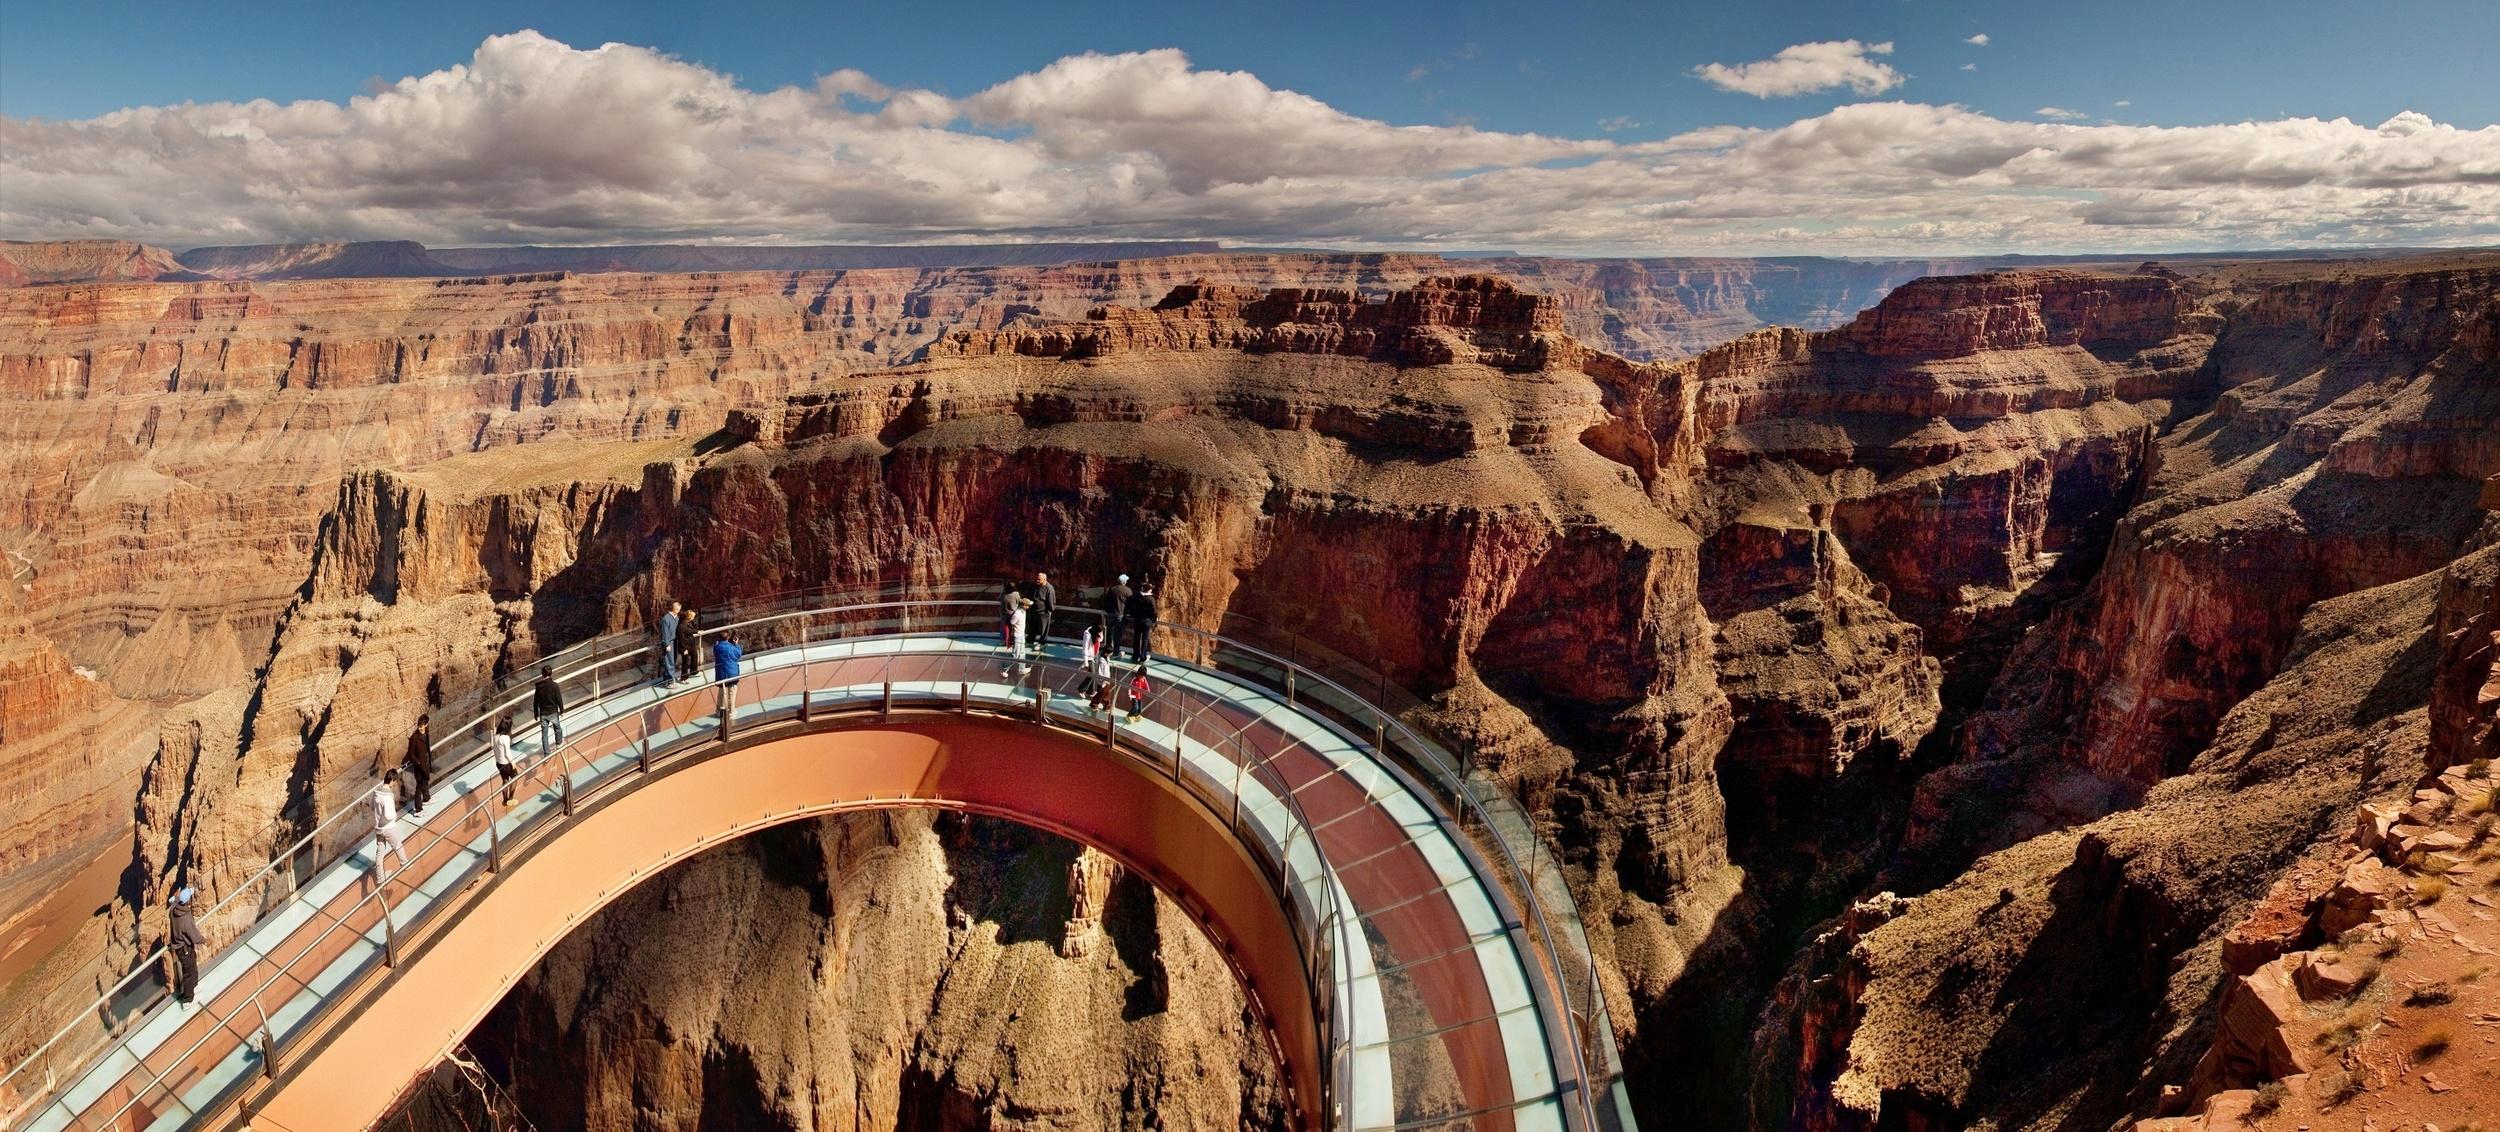 78 Las Vegas Grand Canyon Bus Tour Grand Canyon Tours By